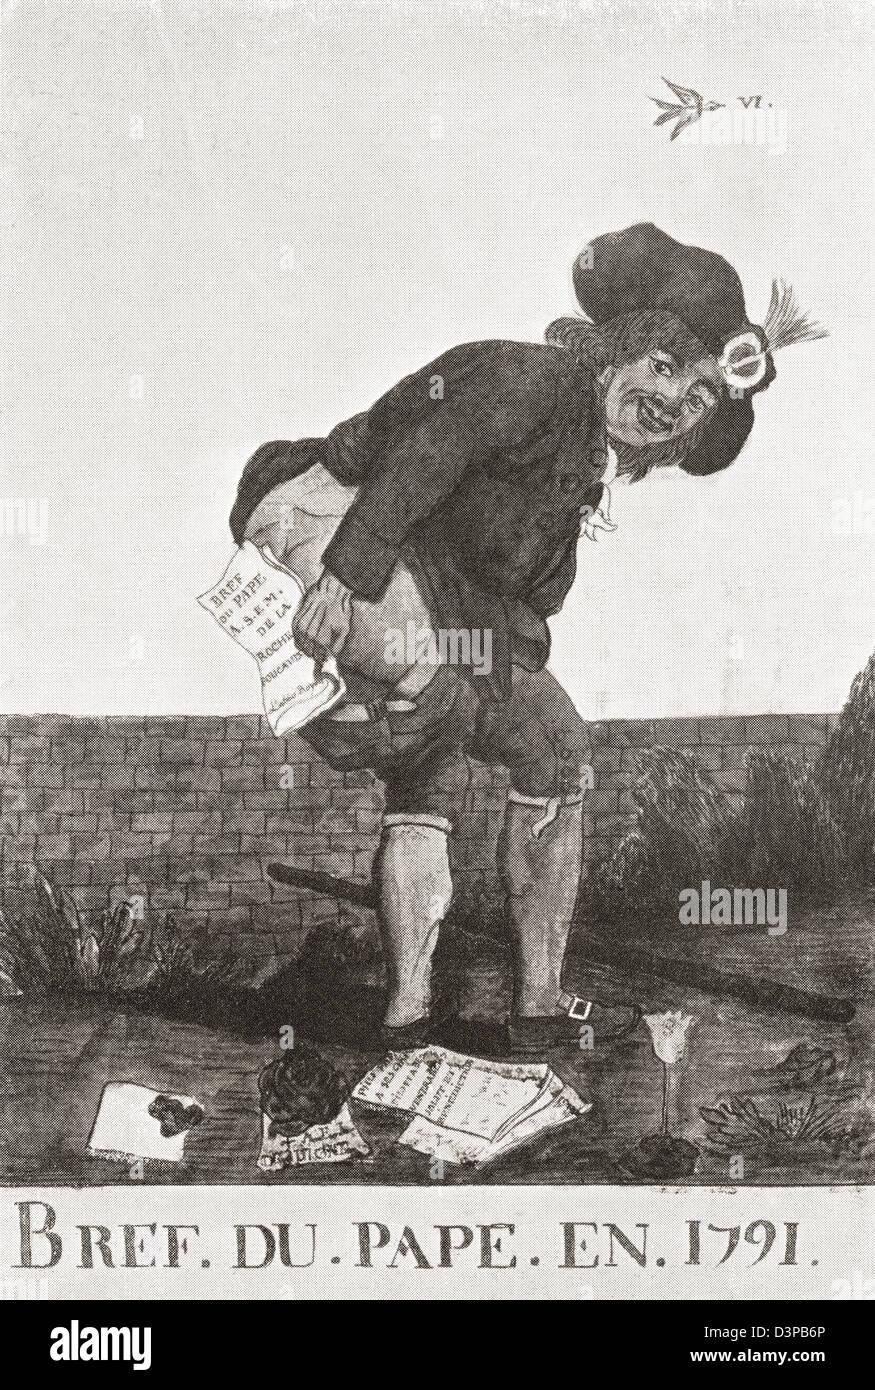 Caricatura satírica satirizar la breve del Papa Pío VI en 1791 durante la Revolución Francesa. Imagen De Stock